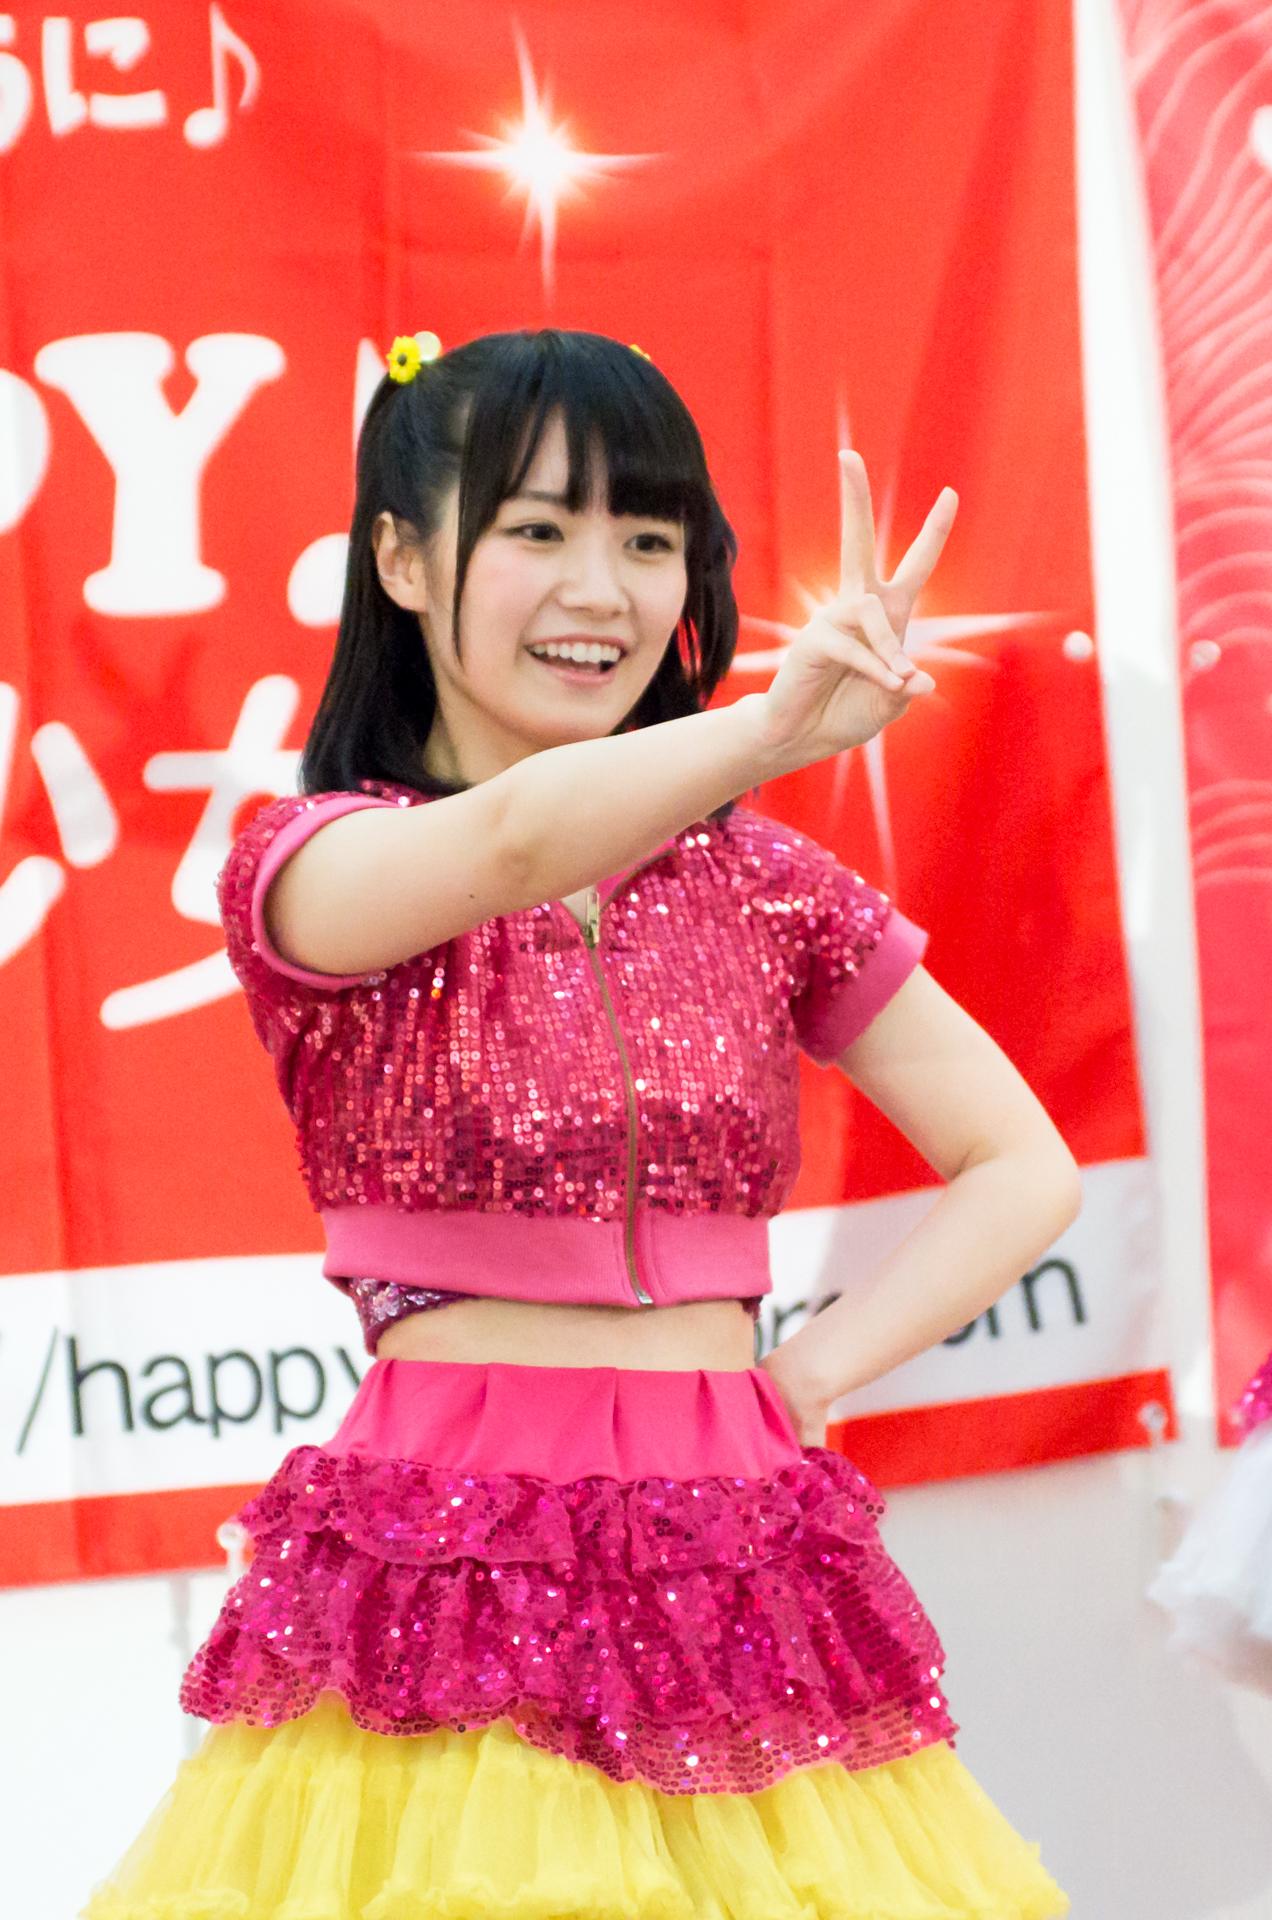 2代目Happy少女♪ みっちょ ( 本田みく ) | アリオ札幌ライブプロマンスリーライブ